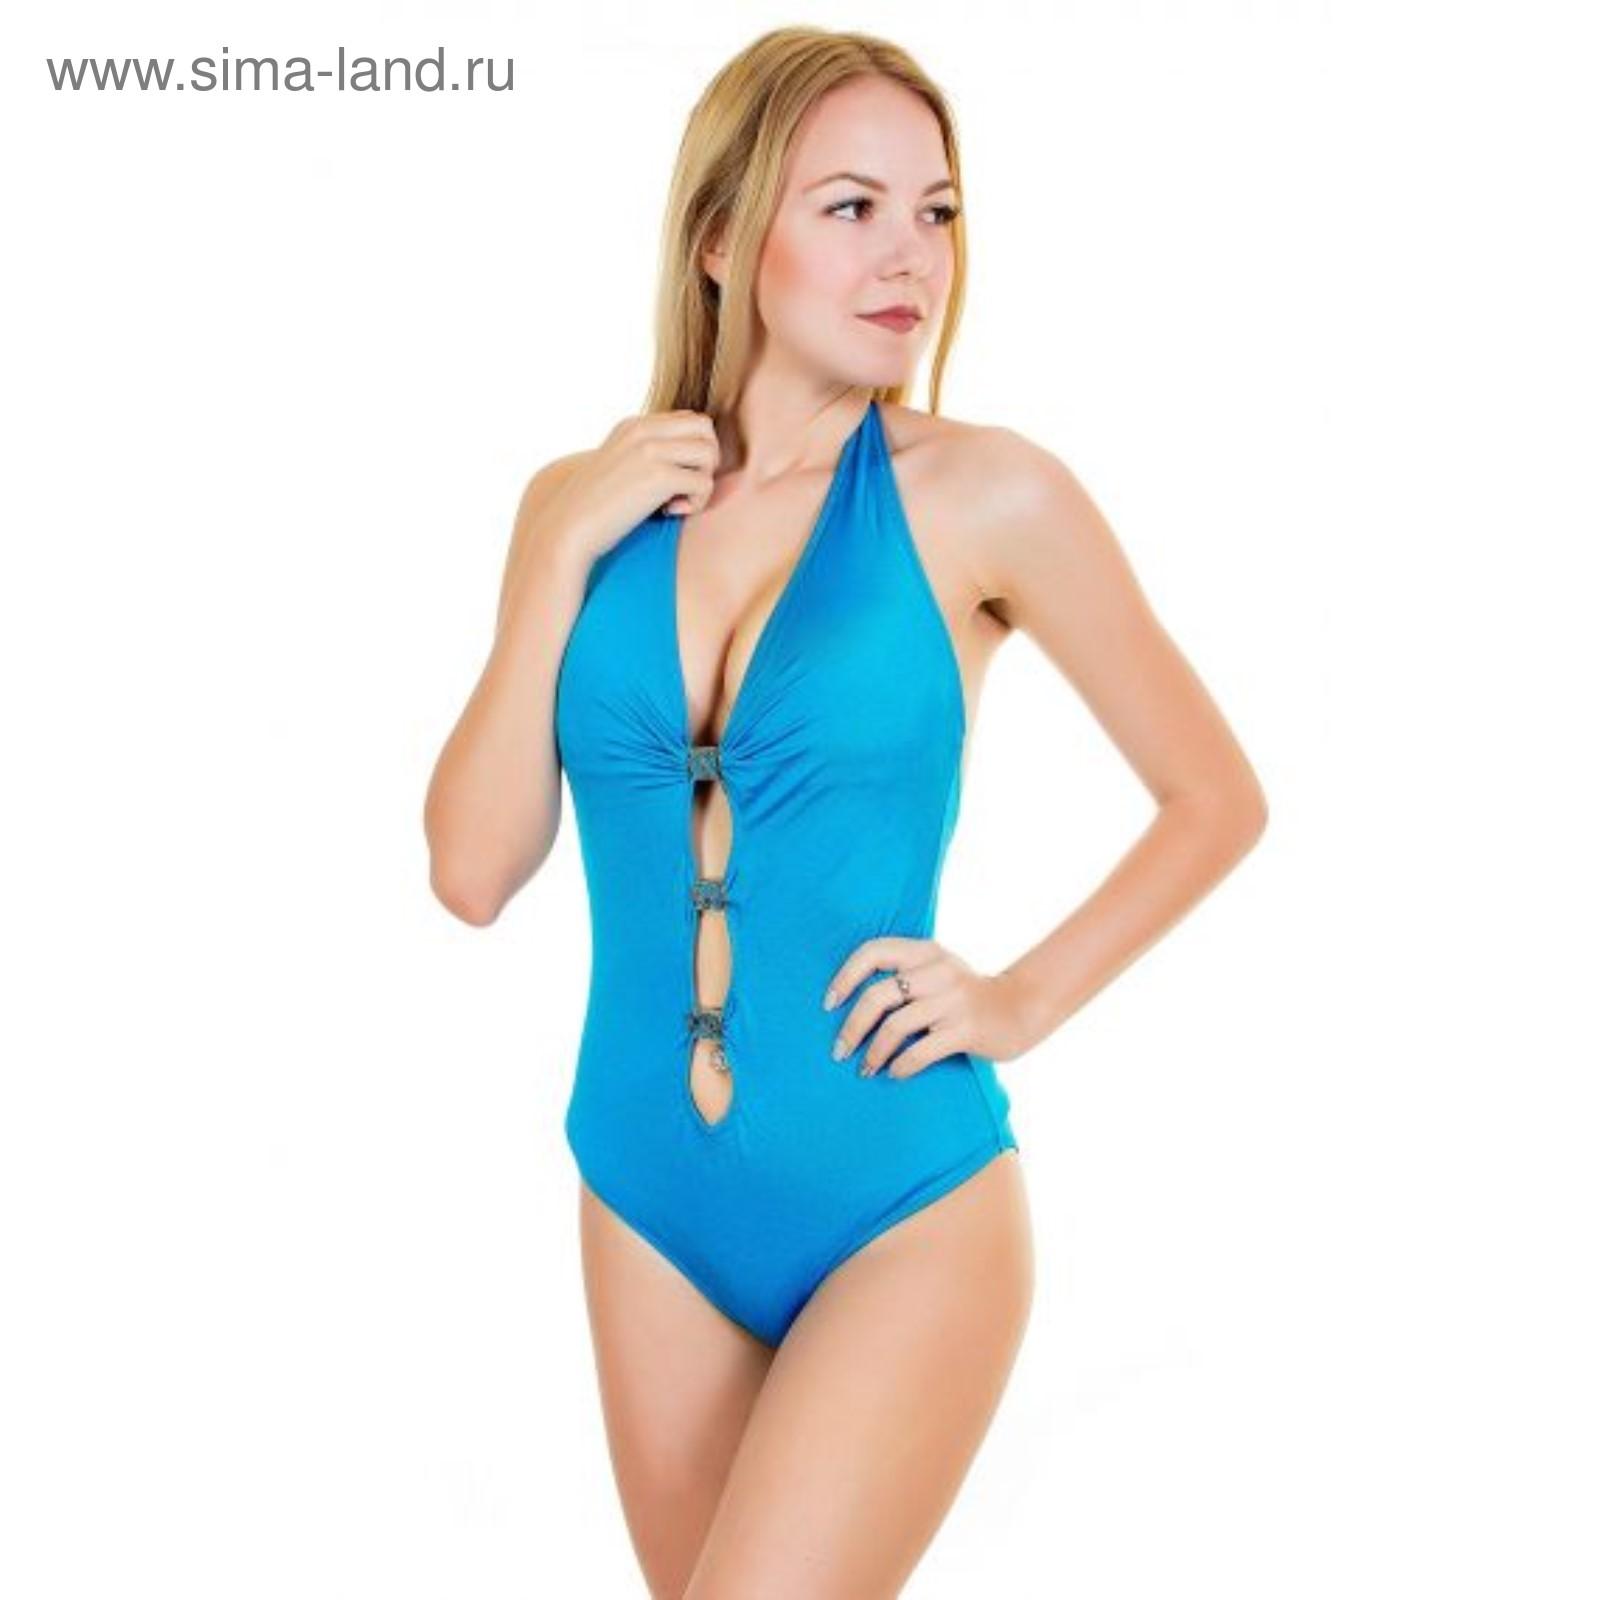 0162aa8424353 Купальник женский слитный 12986 цвет голубой, р-р 46-48 (L), чашка ...